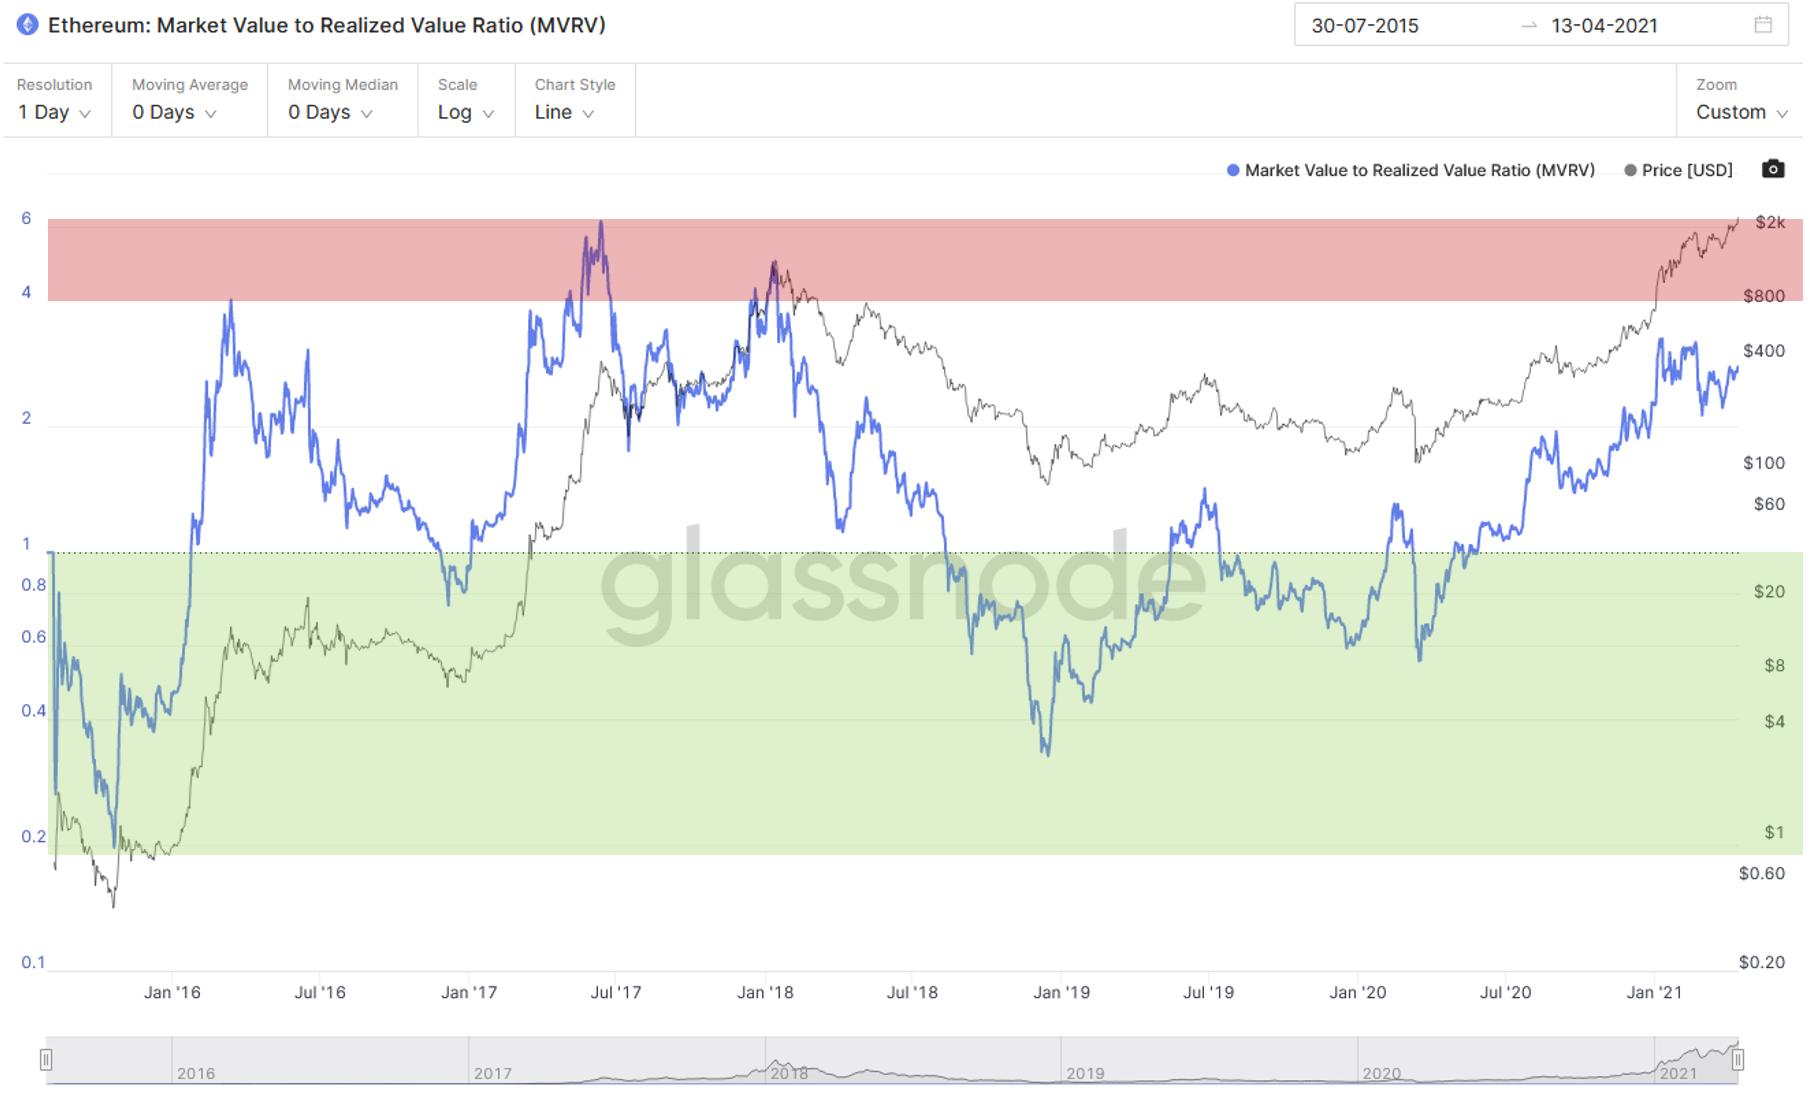 Ethereum: Market Value to Realized Value (MVRV). Source: Glassnode